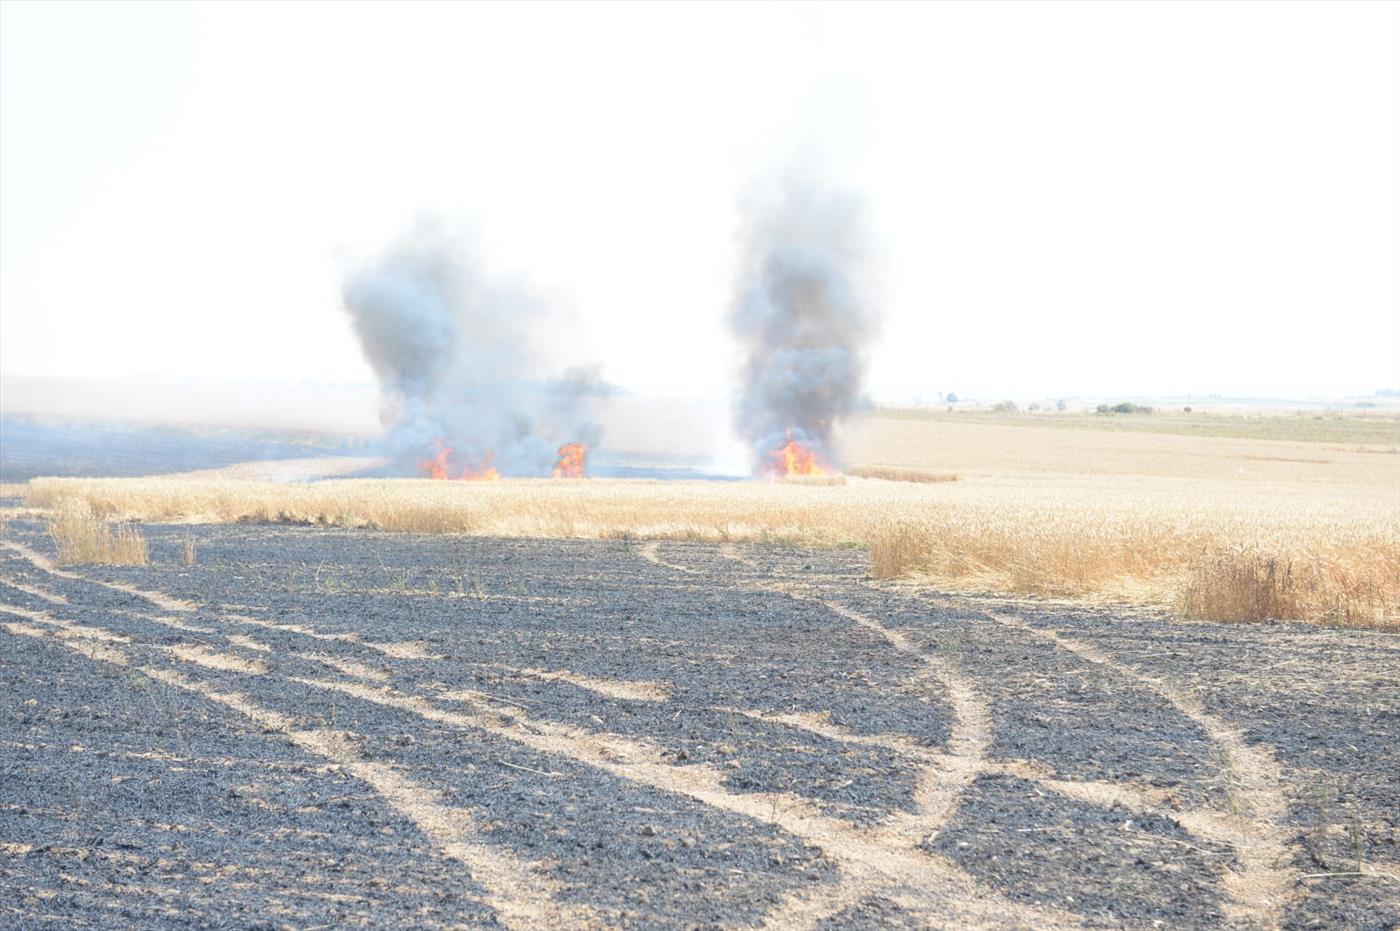 תשע שריפות - מאות דונמים של חיטה עלו באש